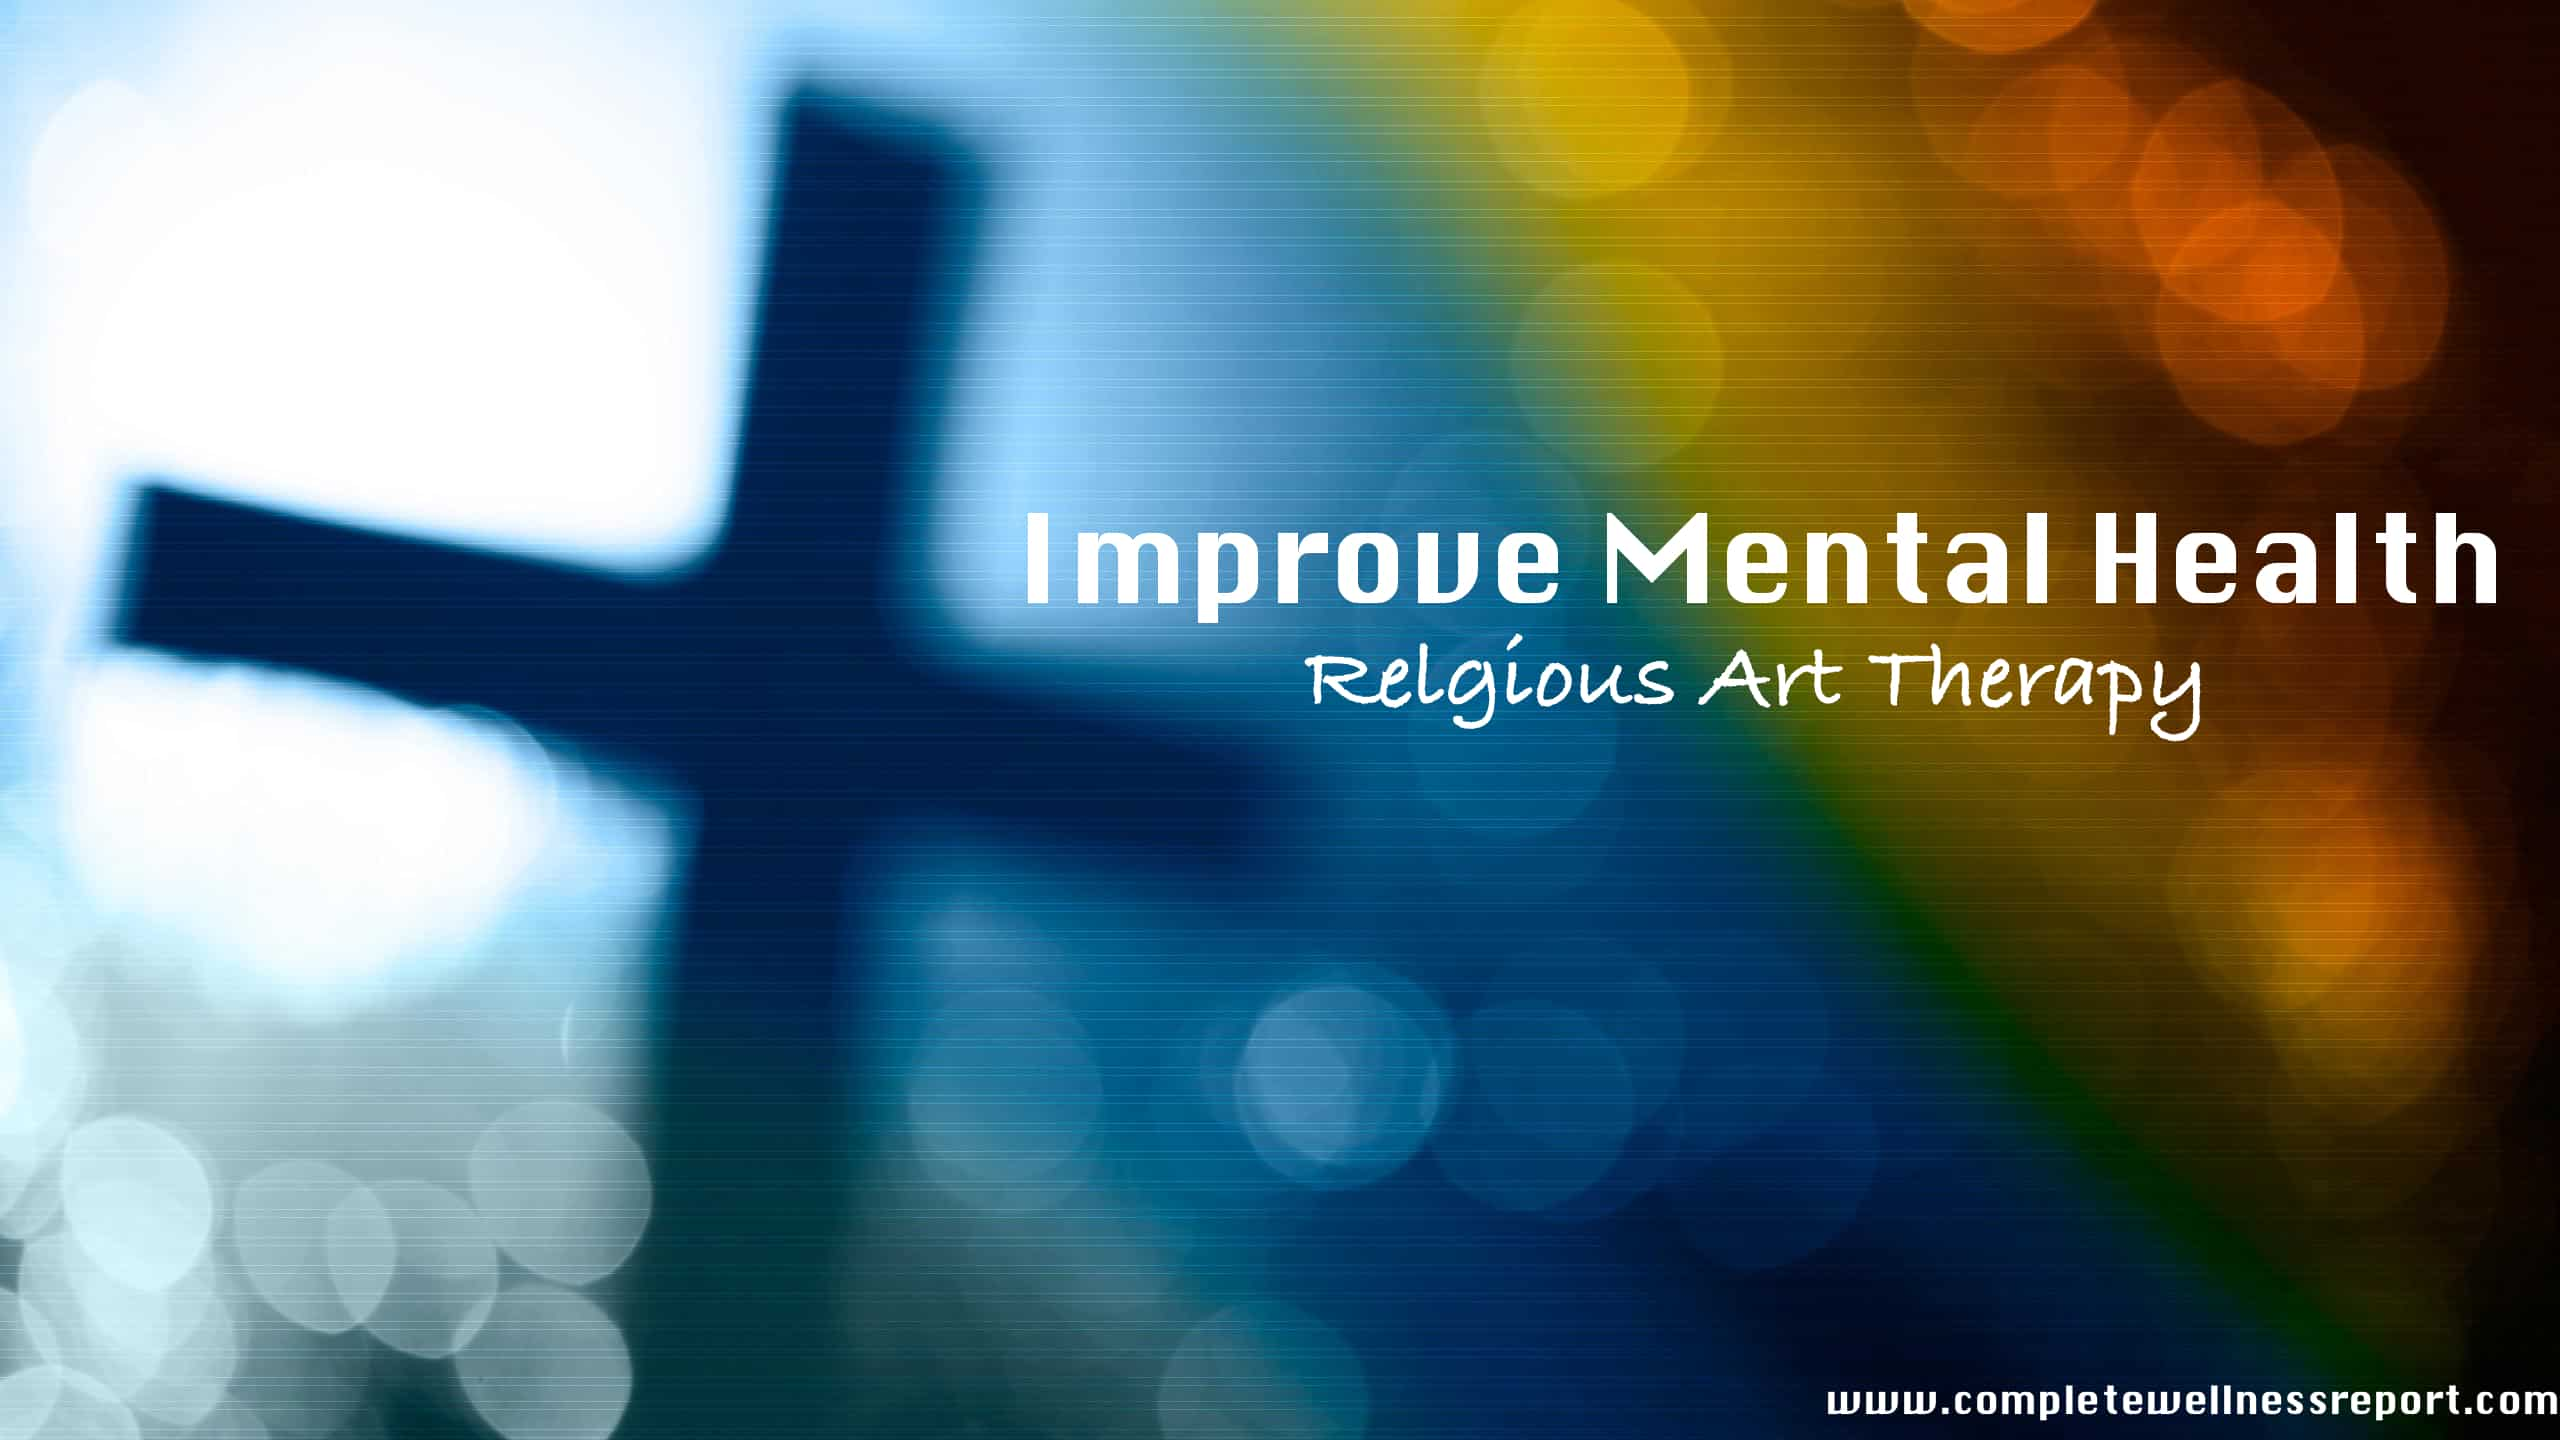 Religious Art Therapy